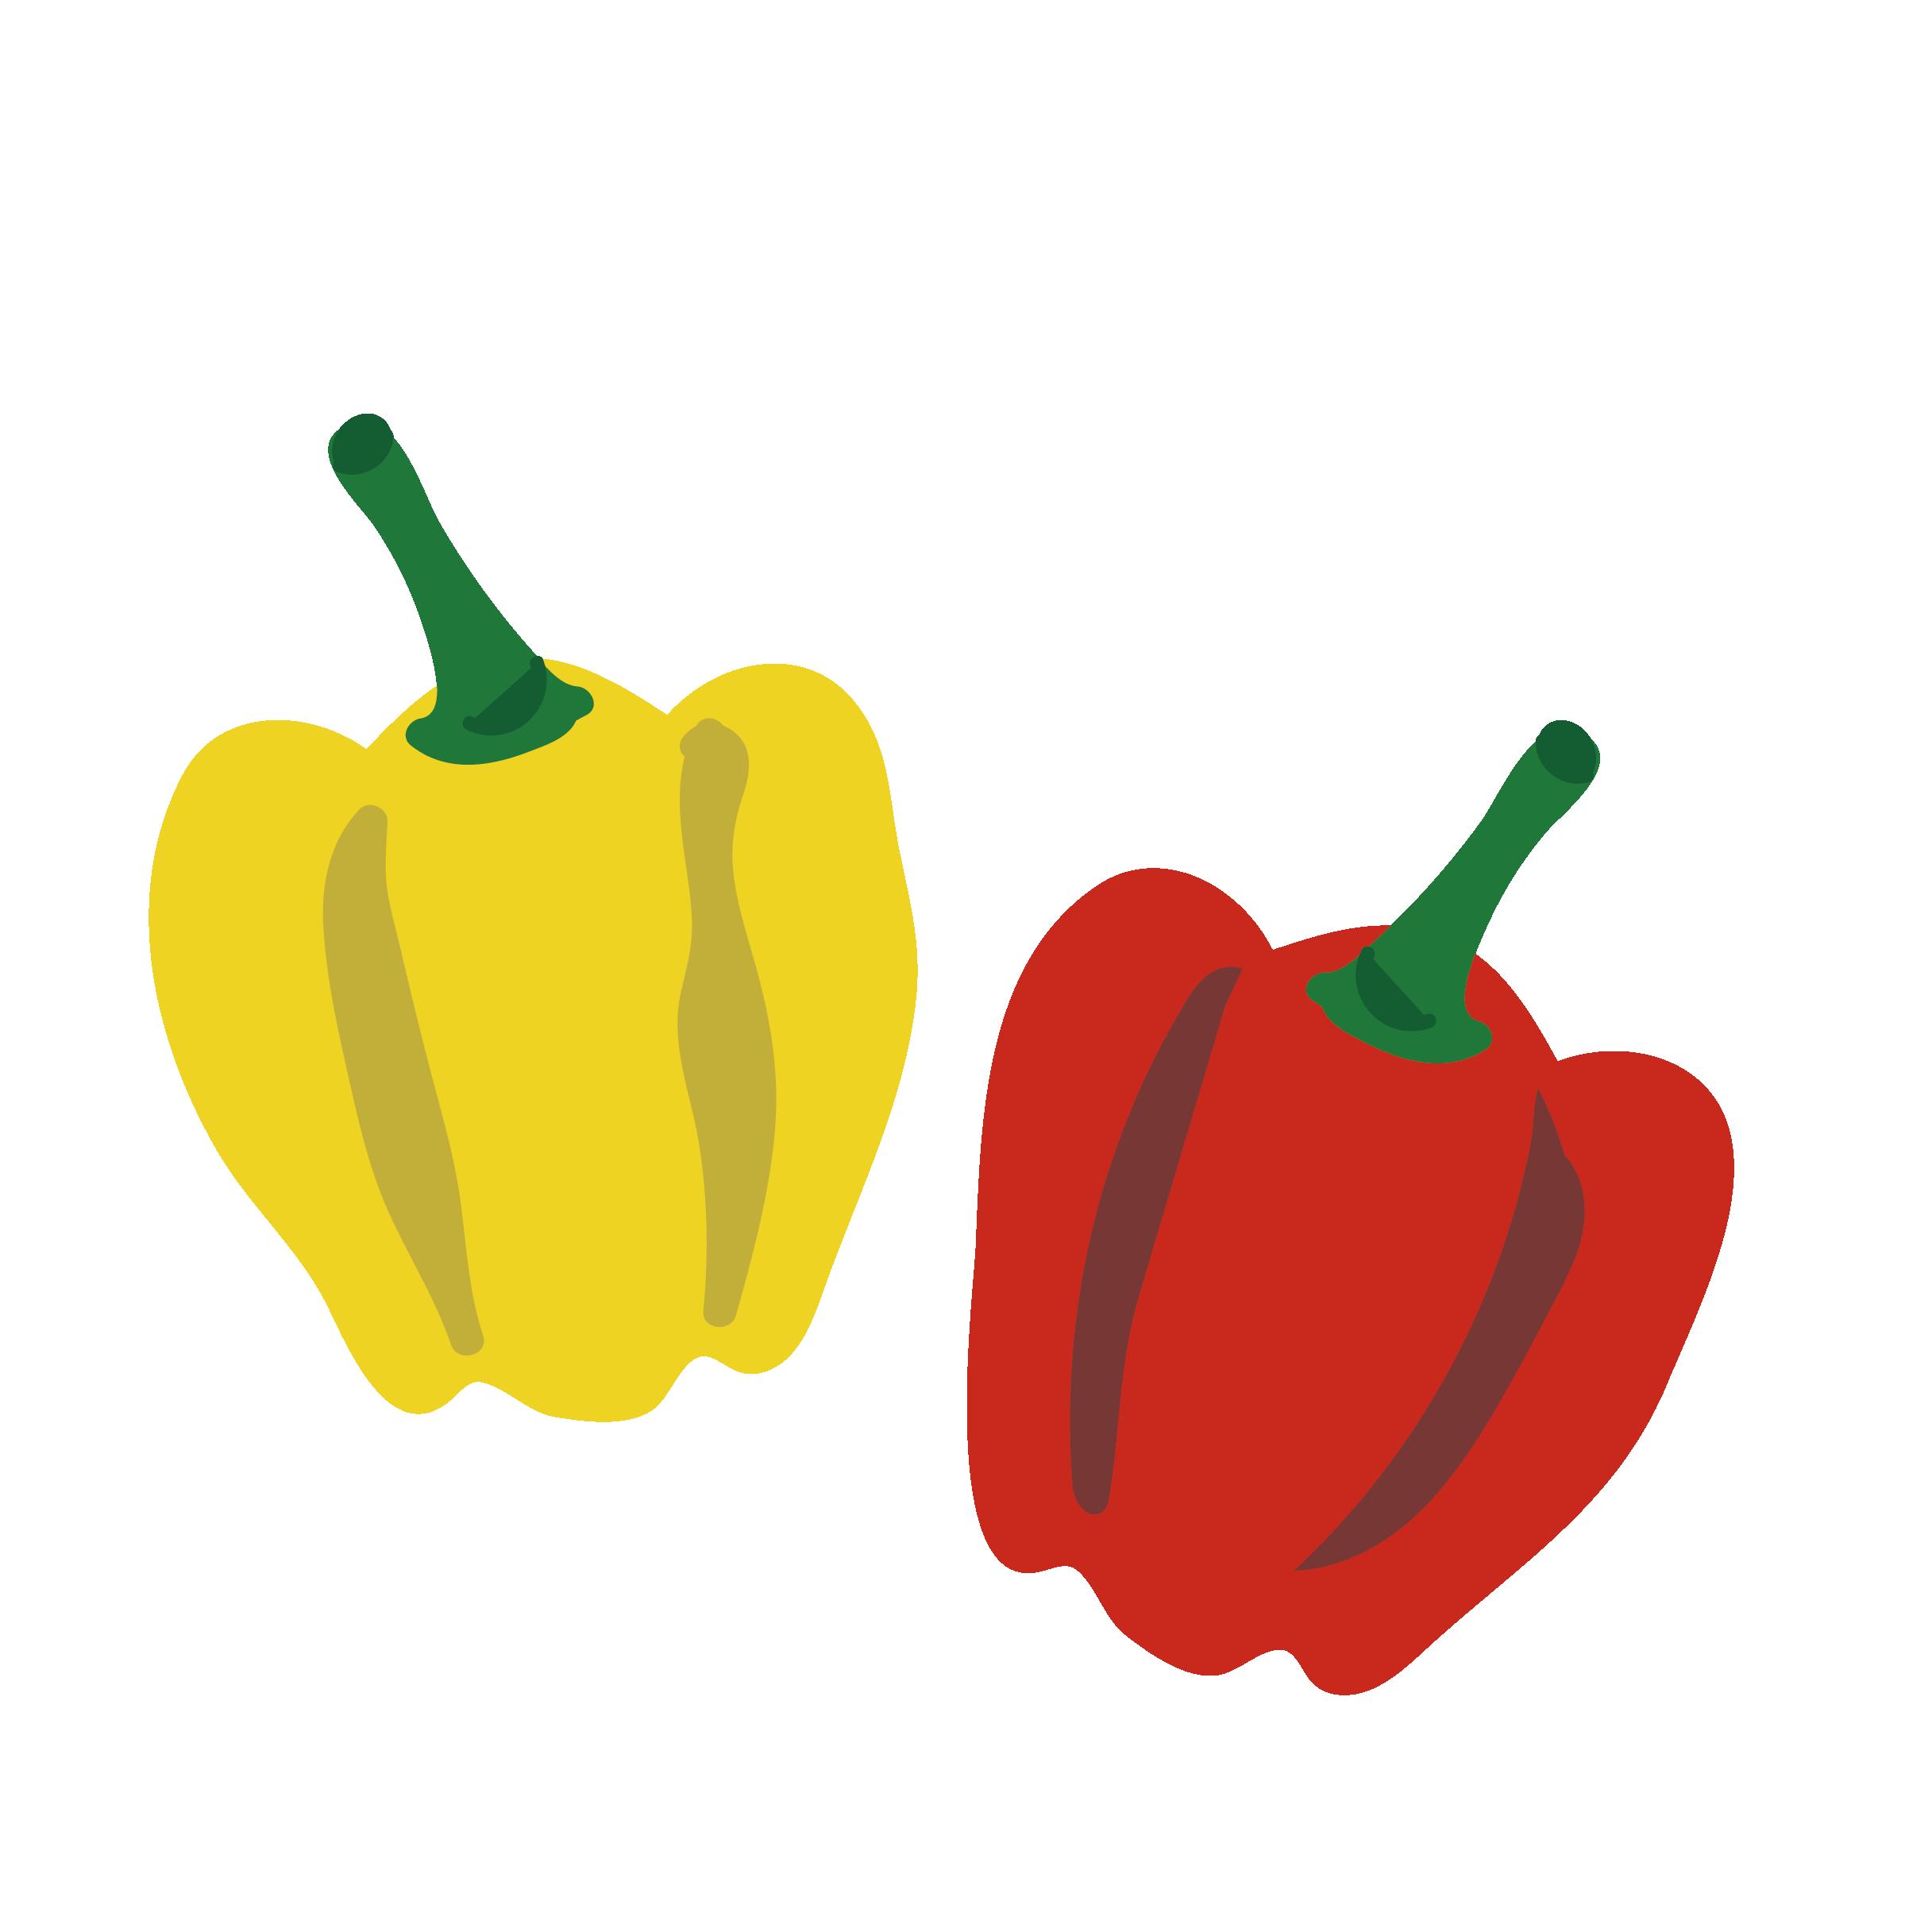 パプリカ 赤ピーマン 黄色ピーマン のイラスト 野菜 商用フリー 無料 のイラスト素材なら イラストマンション